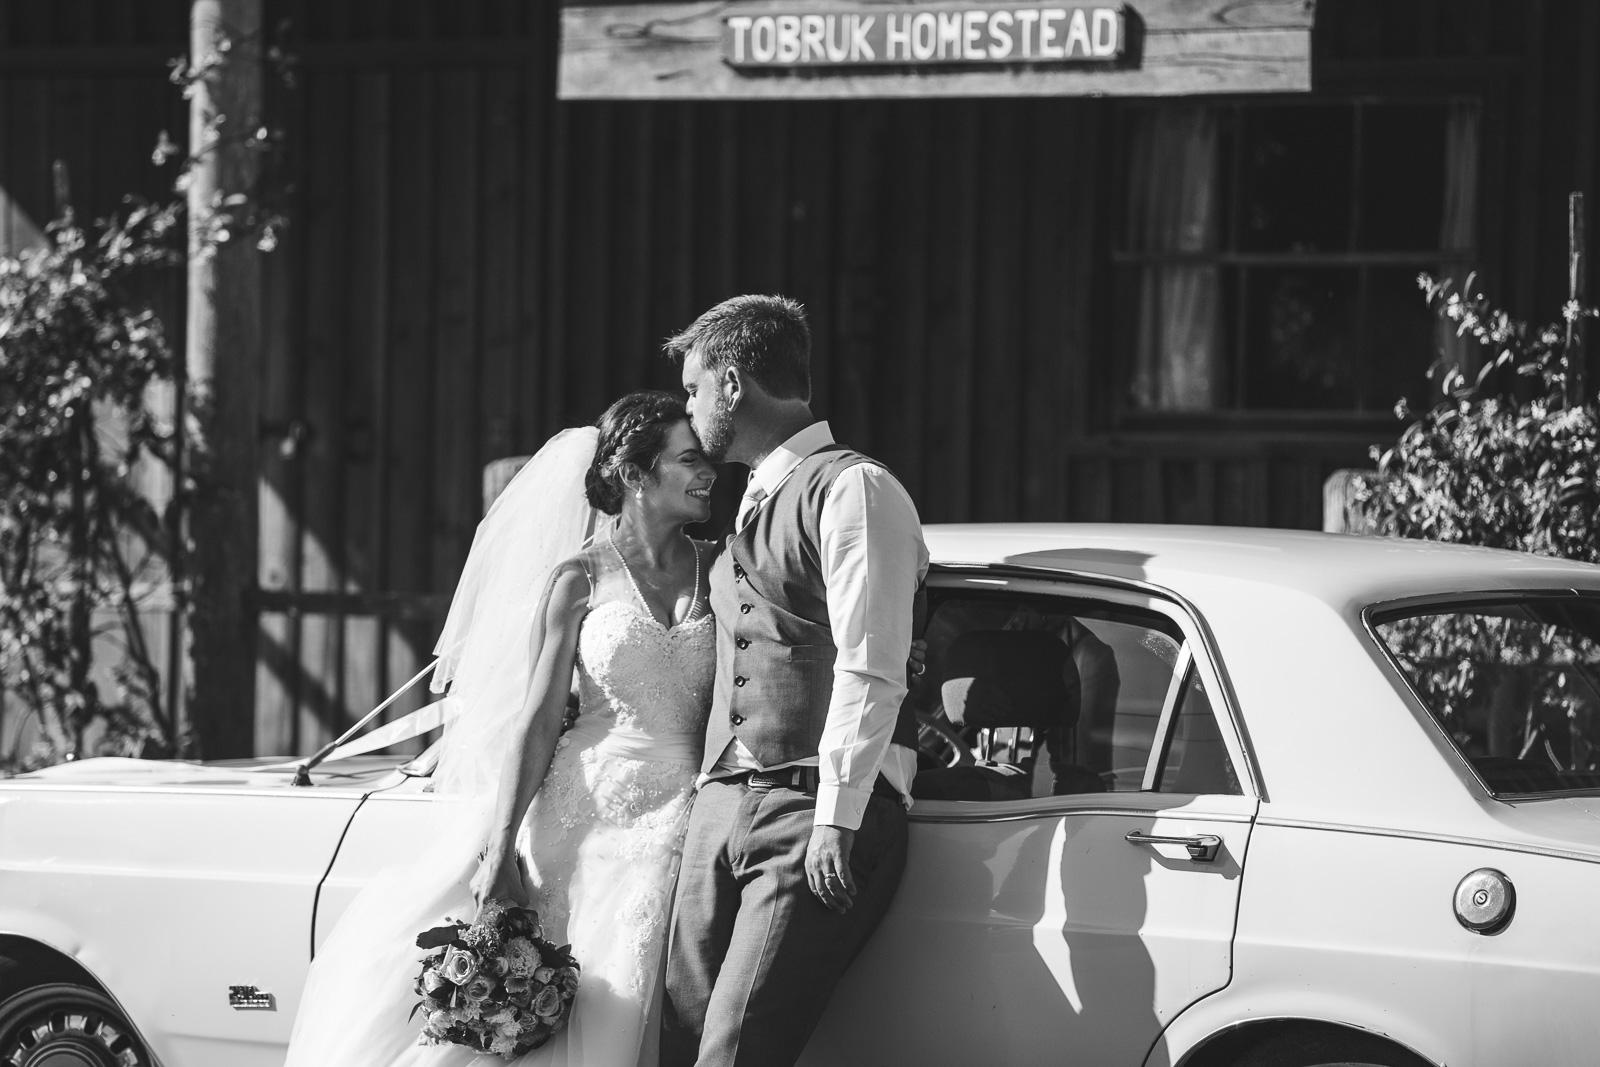 Tobruk-sheep-station-sydney-wedding (92).jpg